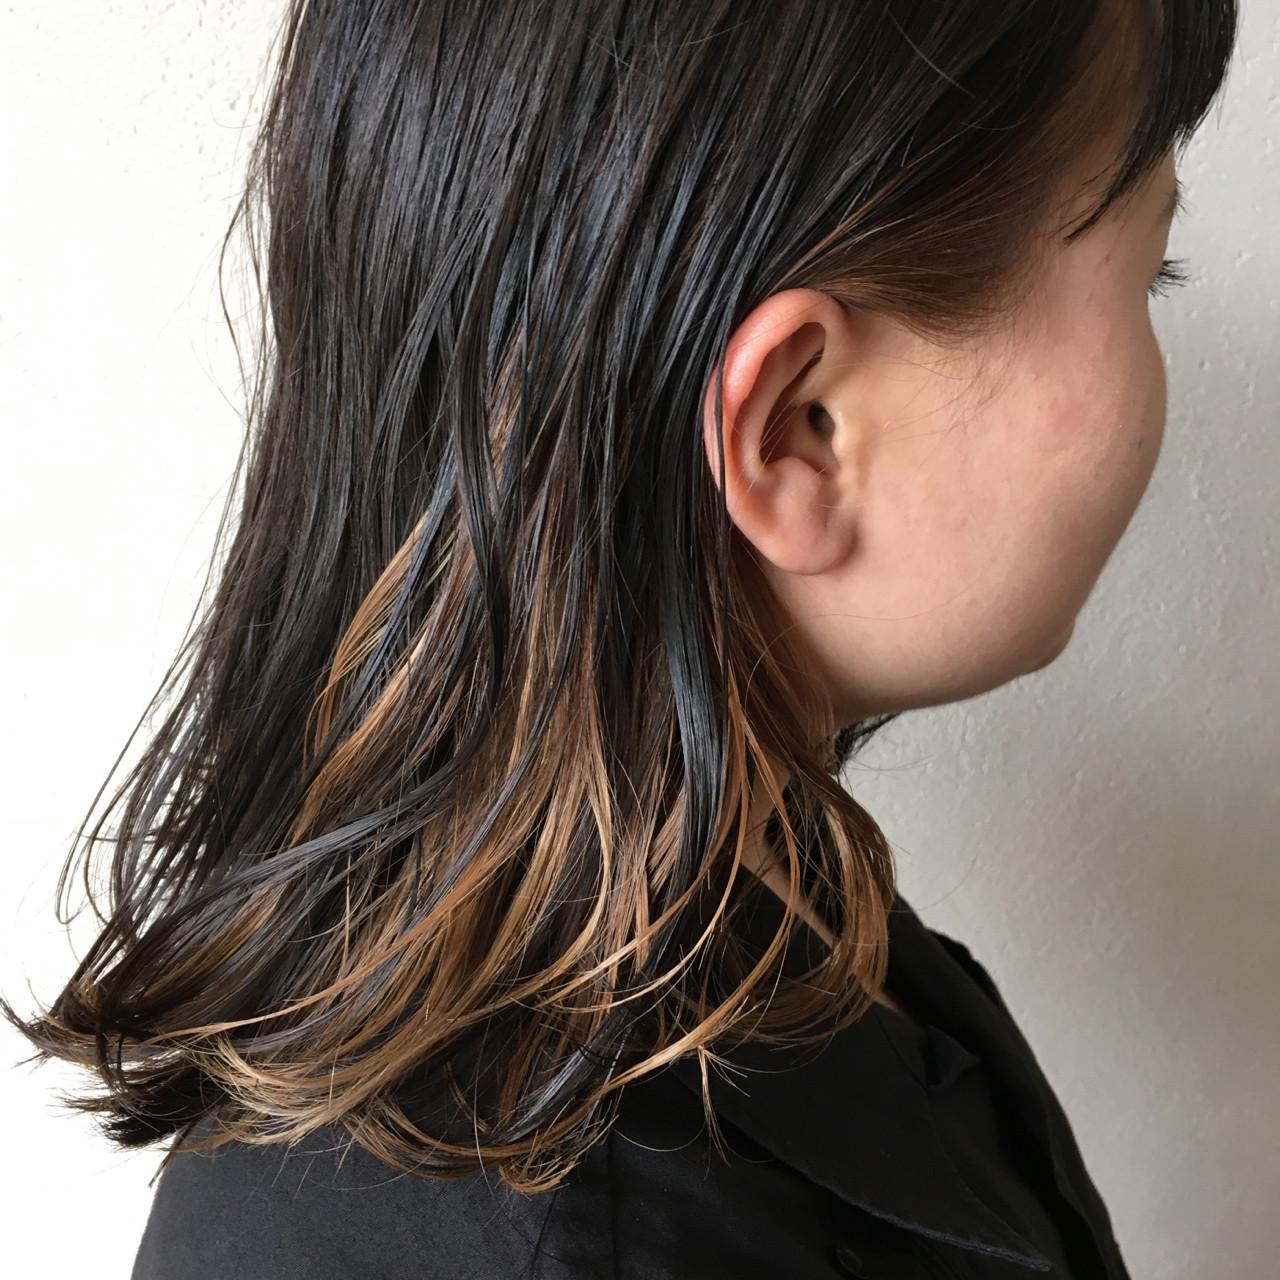 ナチュラル 黒髪 ミディアム インナーカラー ヘアスタイルや髪型の写真・画像